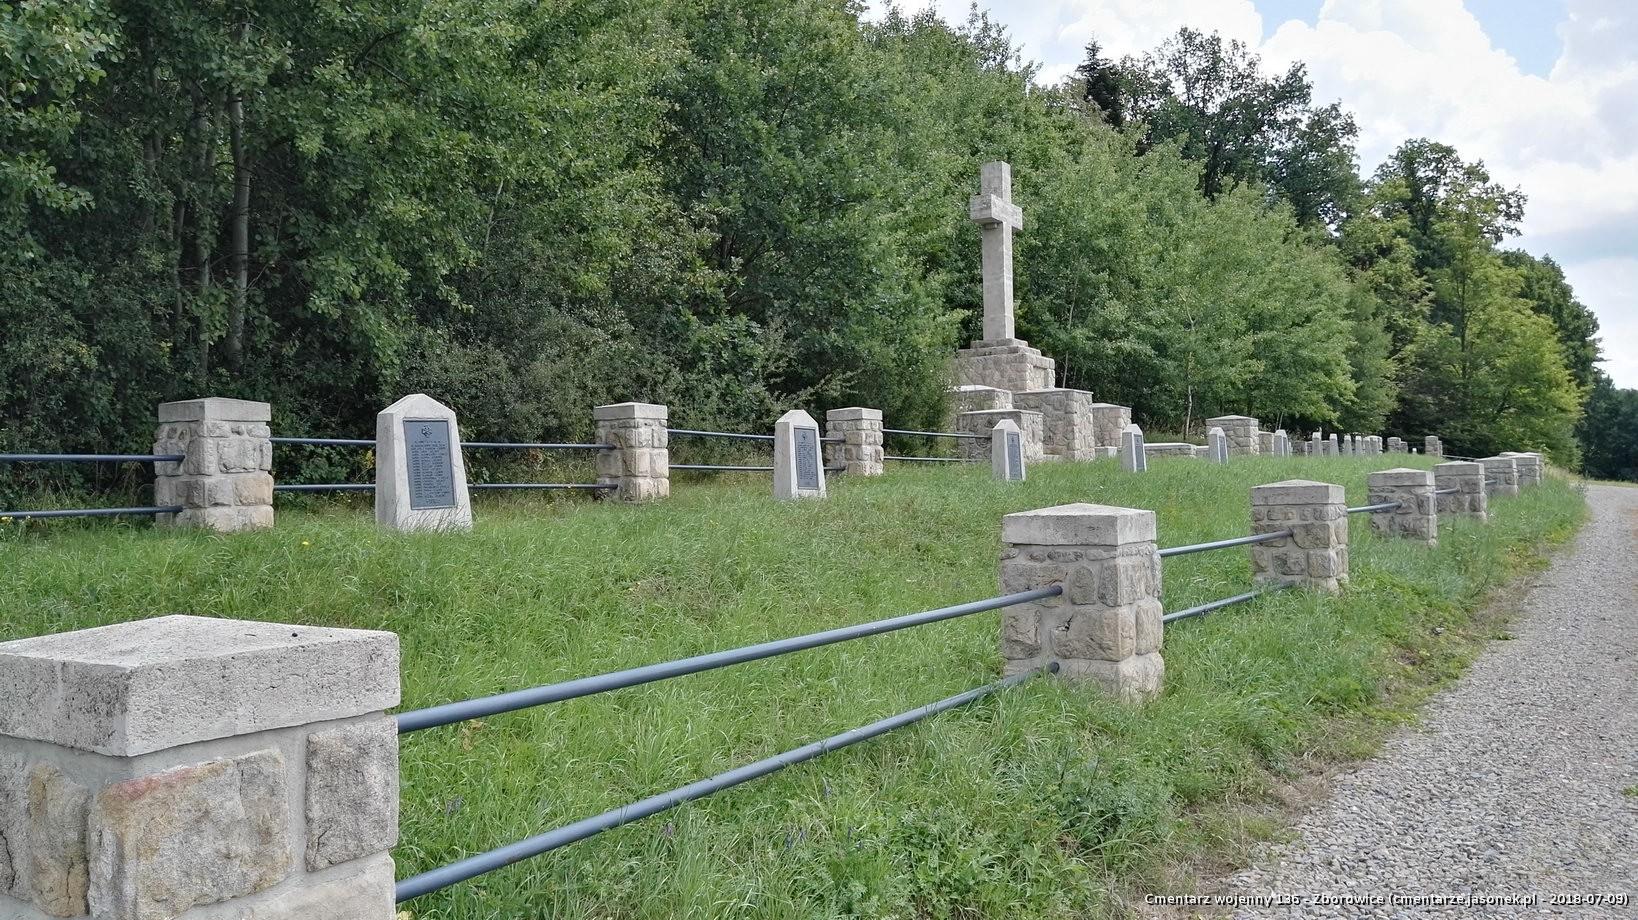 Cmentarz wojenny 136 - Zborowice